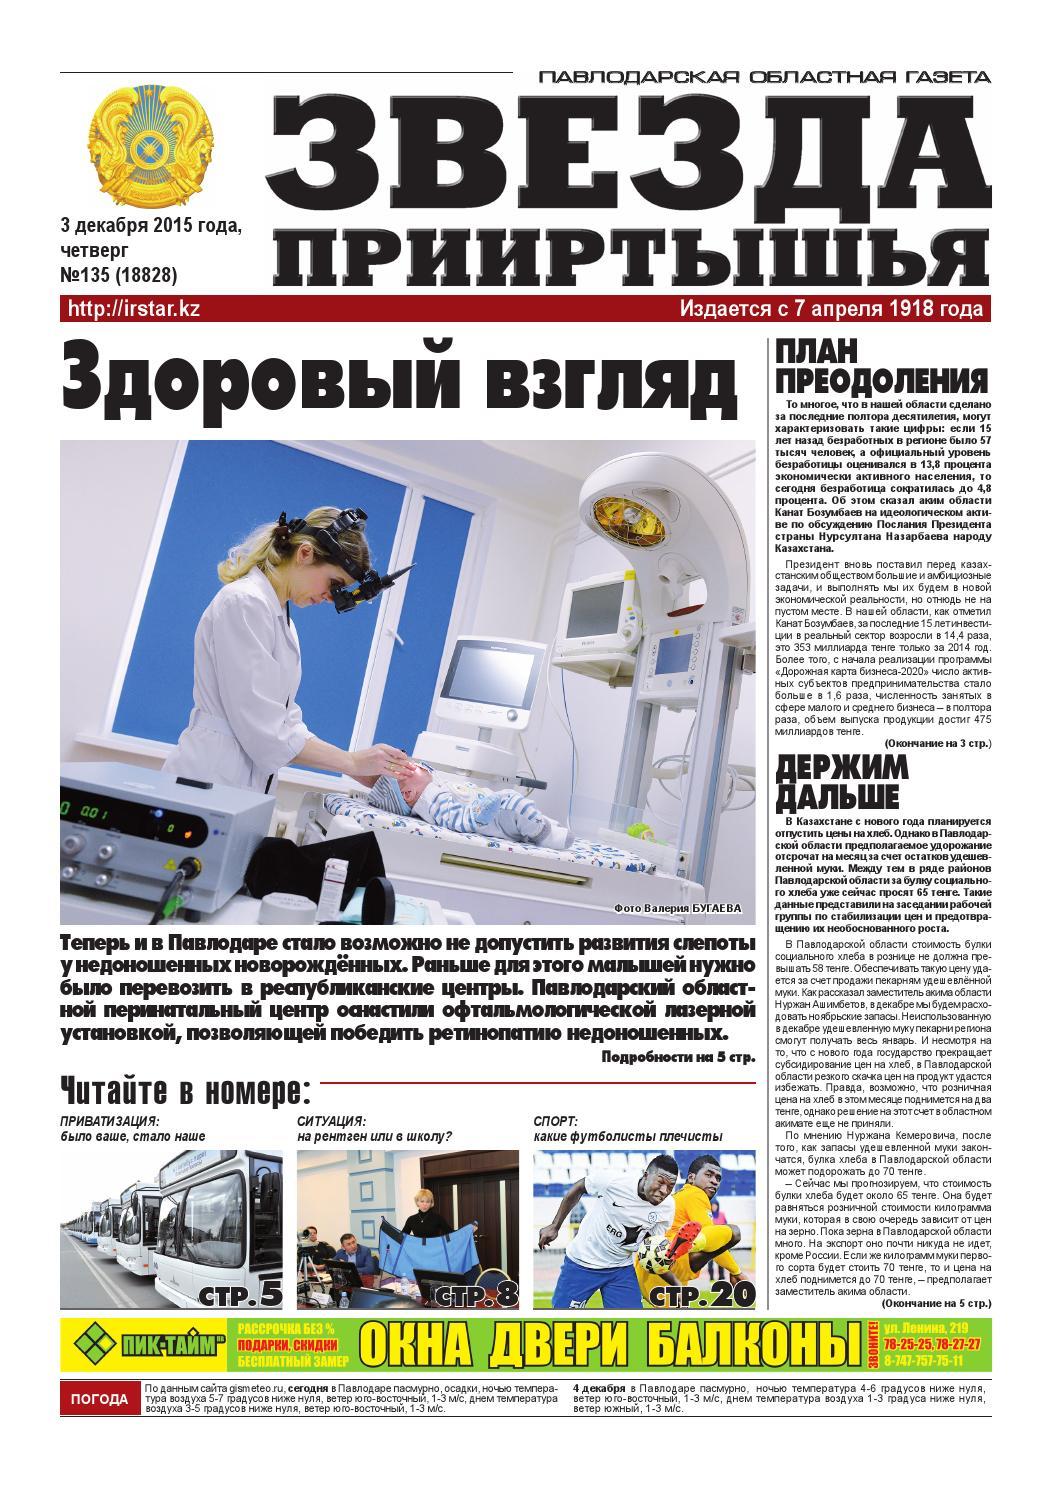 должна ли инструкция импортного оборудования переведена на русский и казахский язык